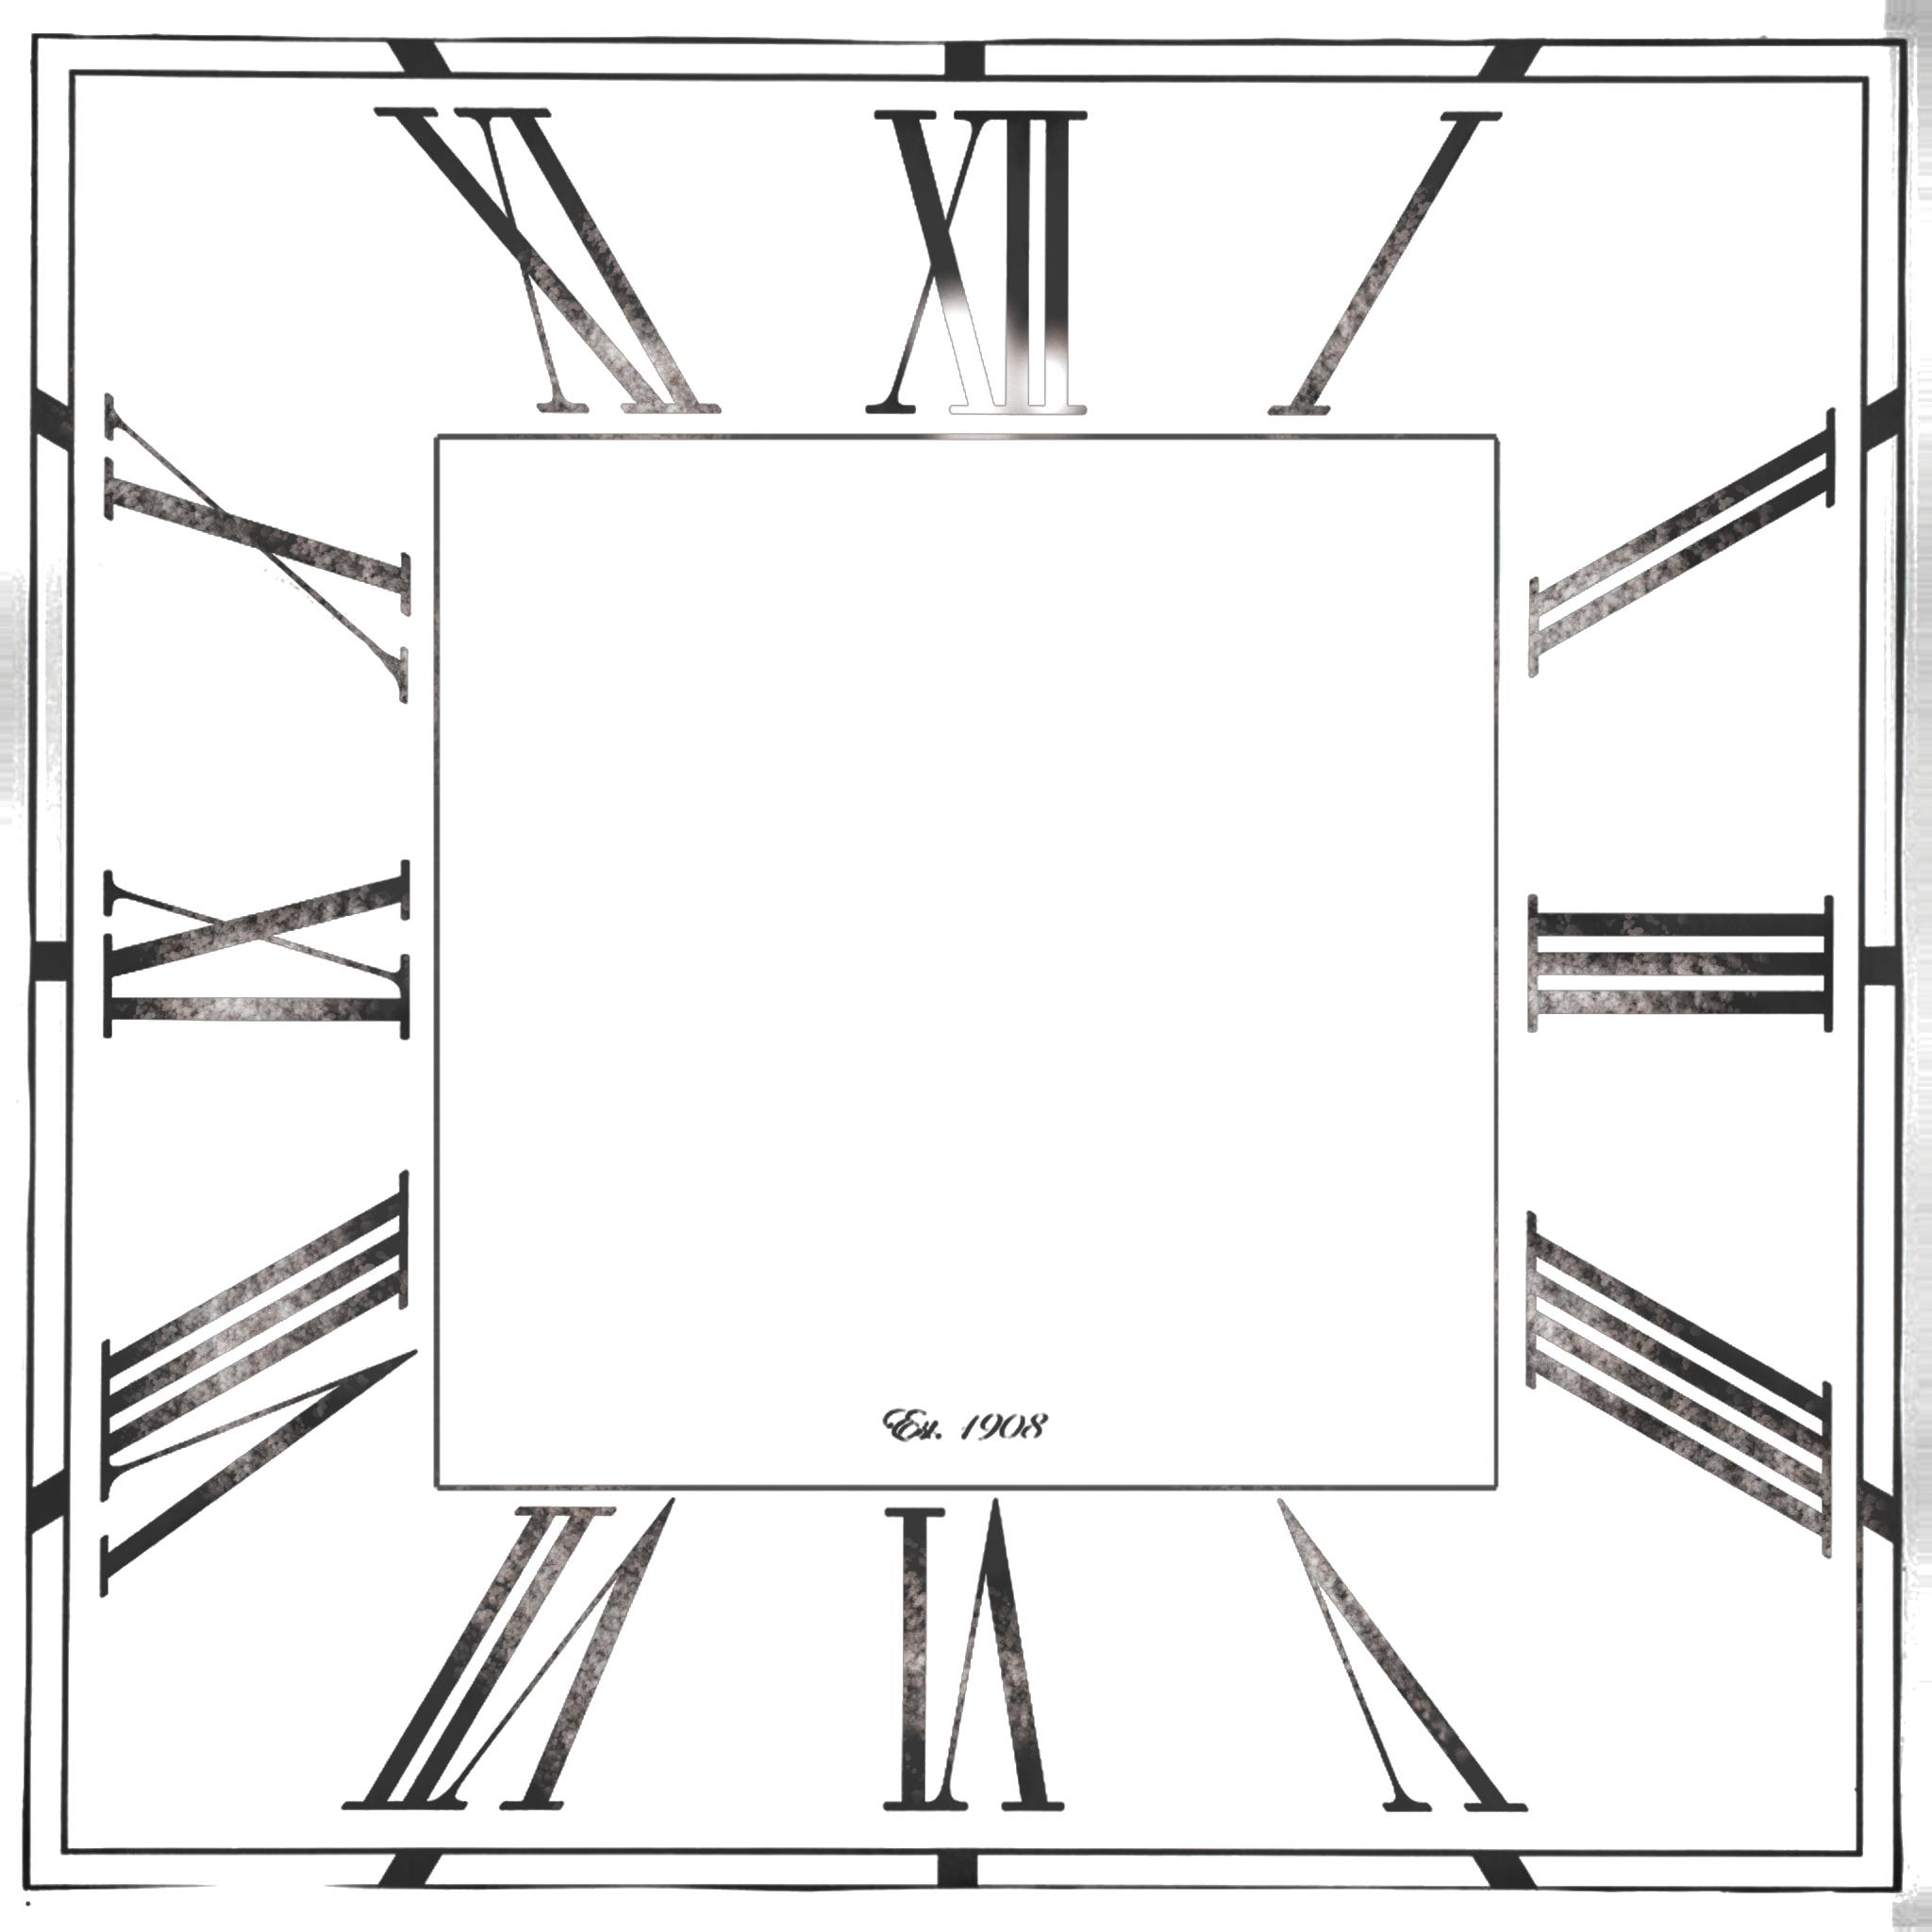 clock_uvSet1_phong1SG_Reflection.png